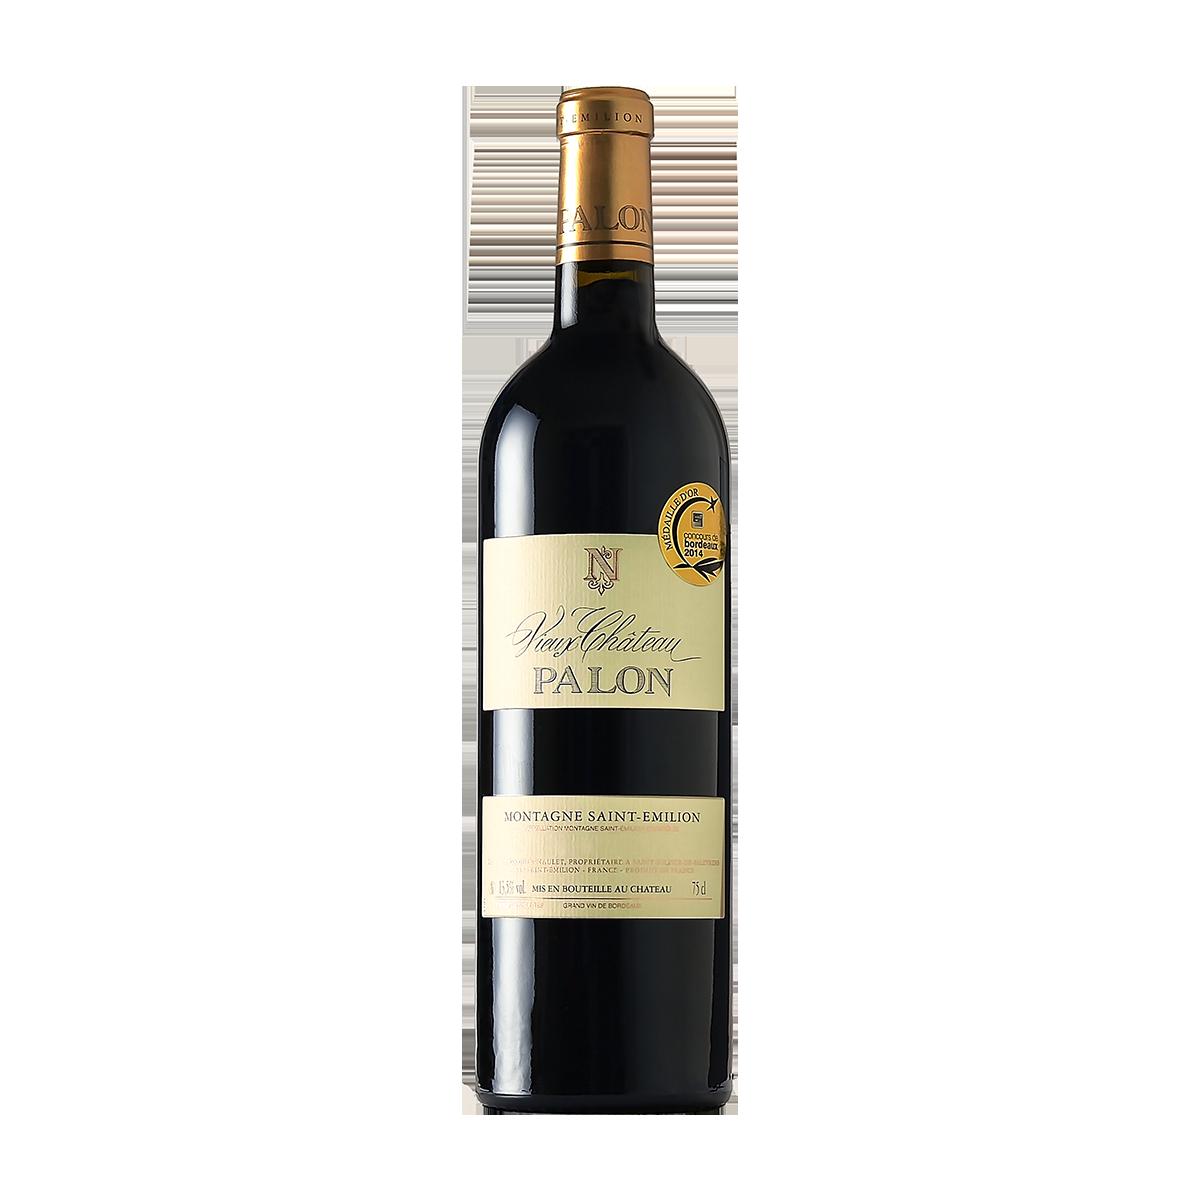 FRU1017 法國巴龍莊園蒙塔涅-聖愛美濃紅酒 Vieux Château Palon Montagne Saint-Émilion A.O.C.